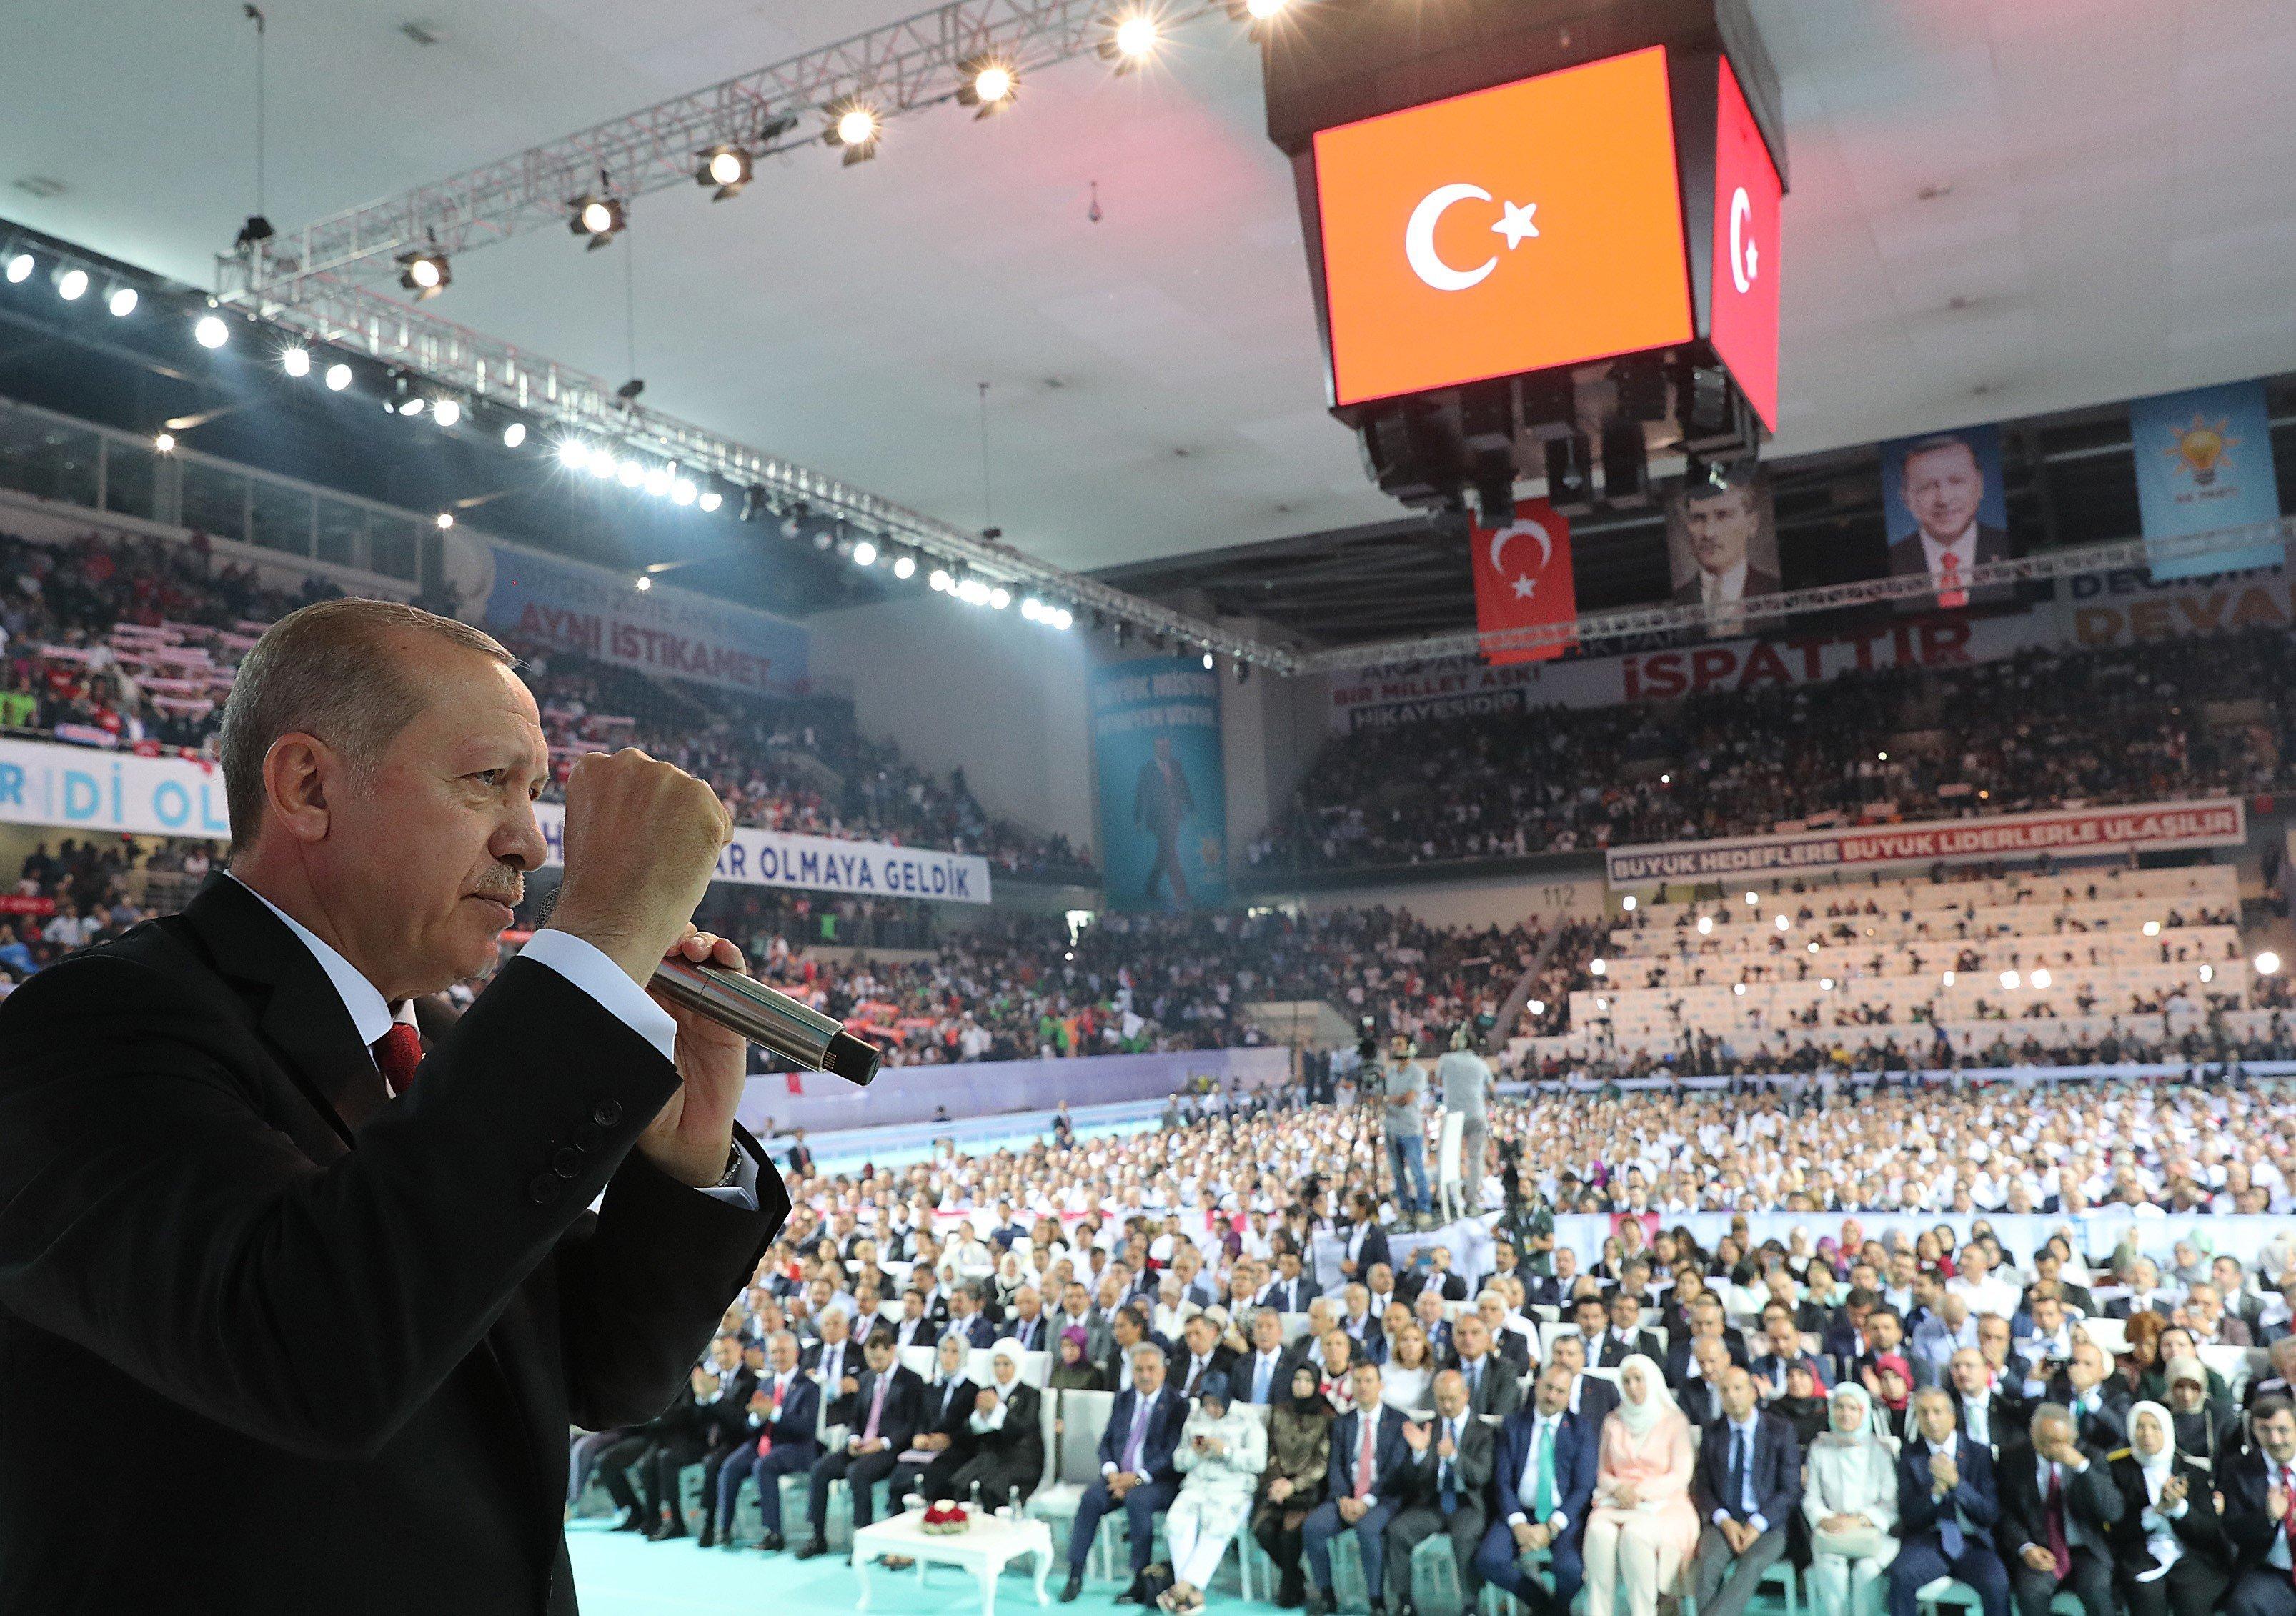 Der türkische Präsident Recep Tayyip Erdogan bei einem Parteitag der AKP am